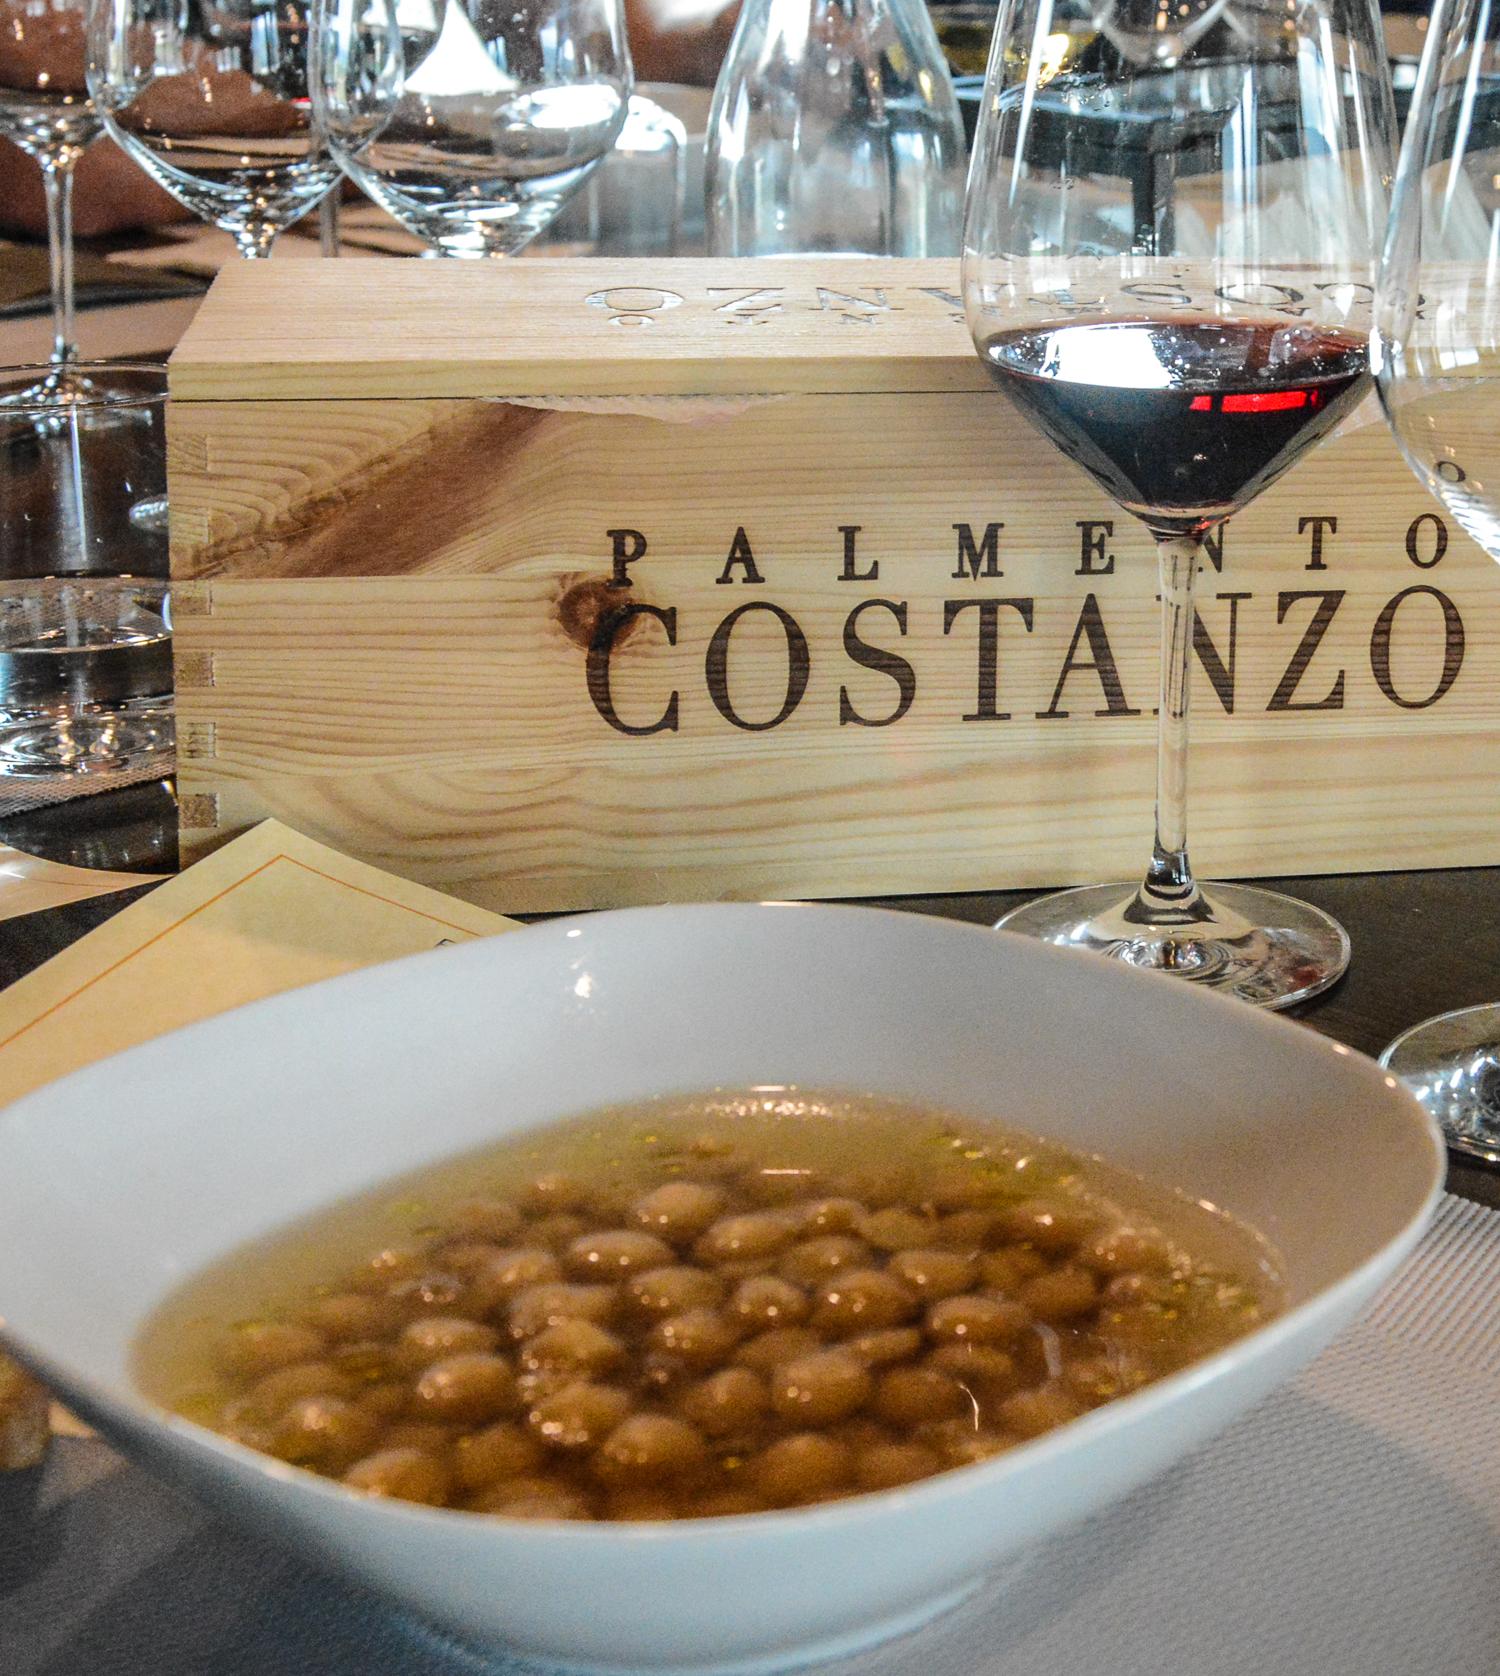 Sizilien: Weinverkostung und Mittagessen auf dem Weingut Palmento Constanzo